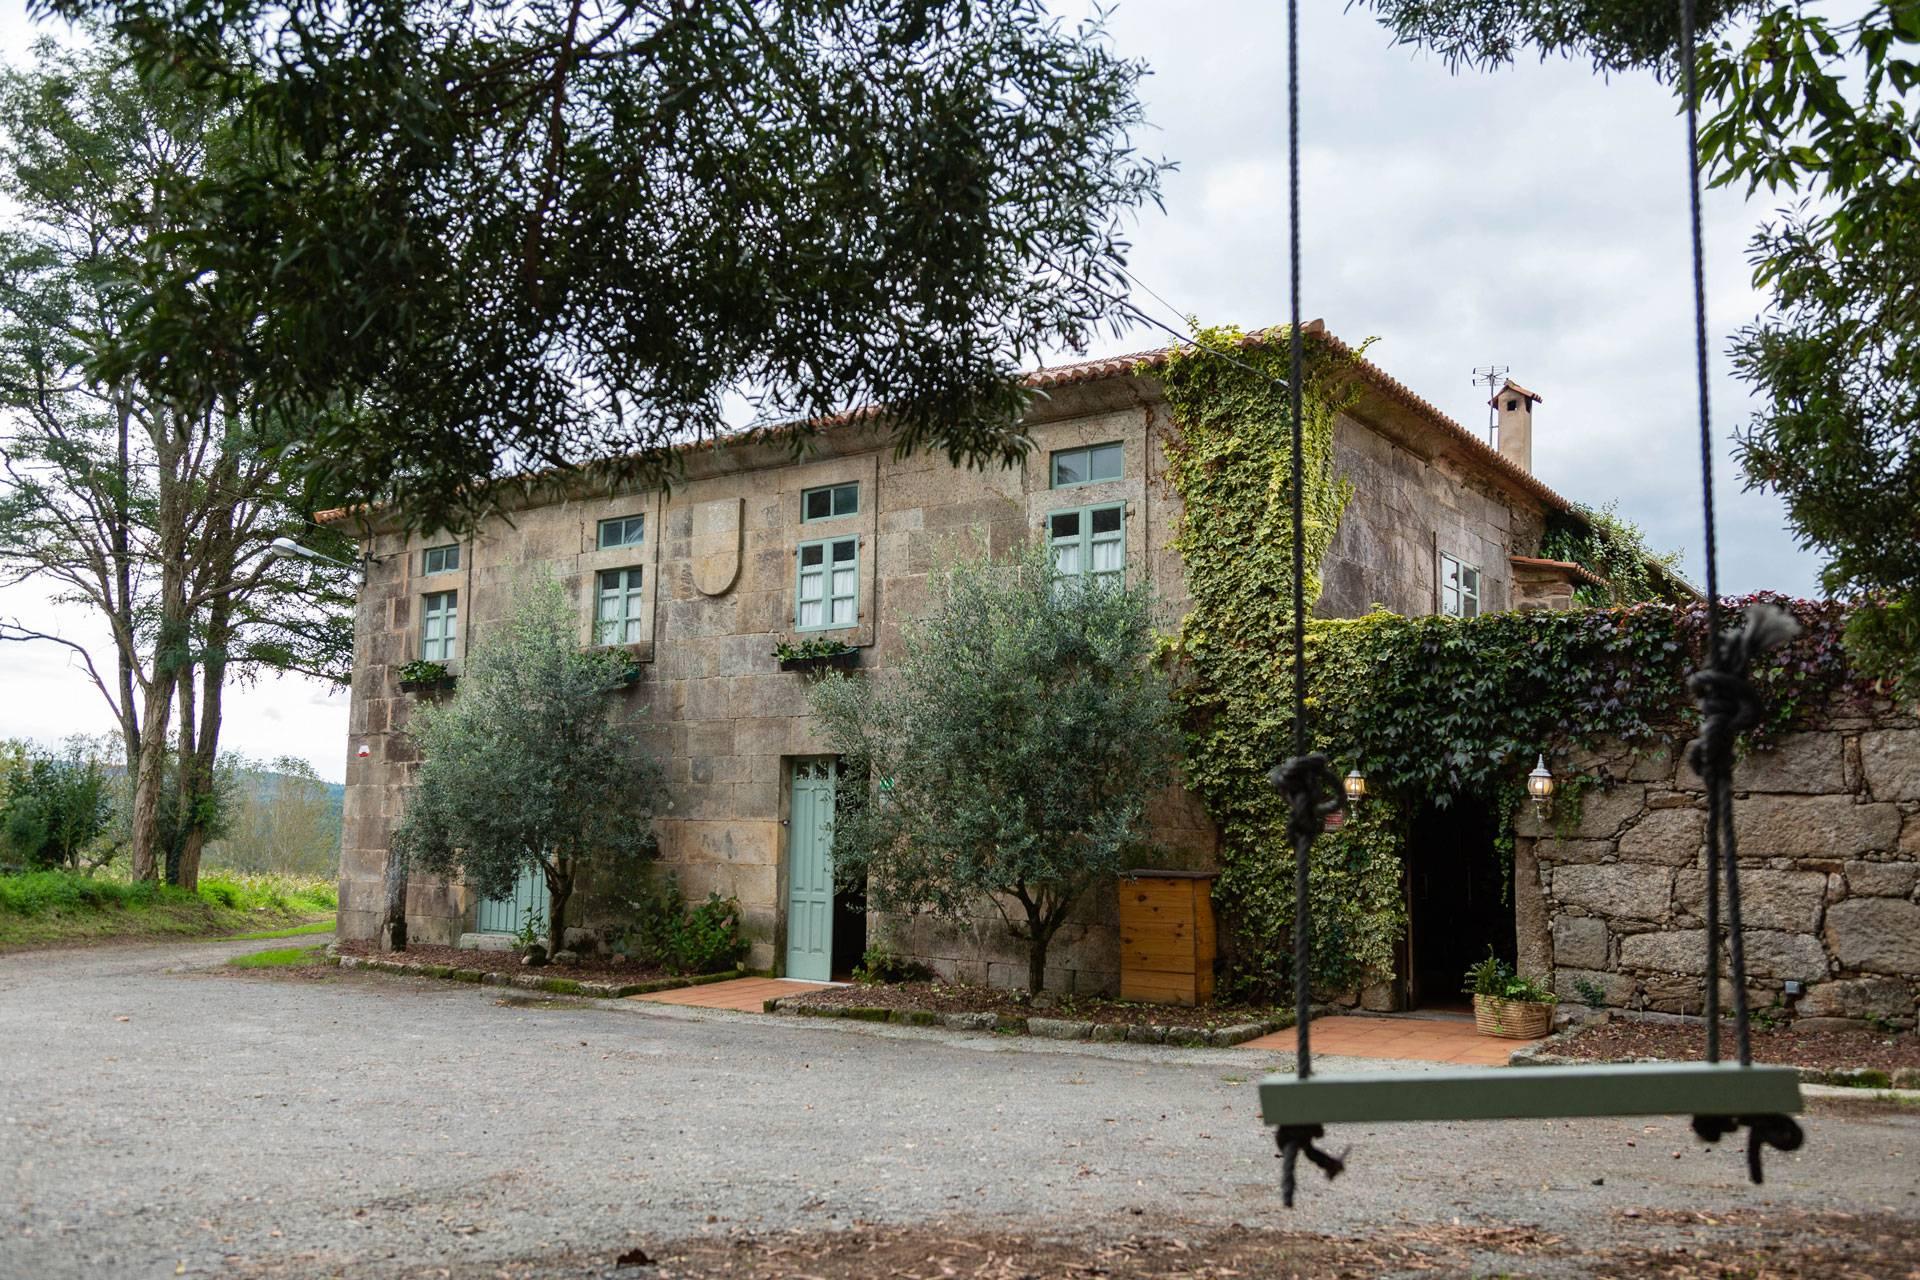 Fachada Principal - Priorato San Martín